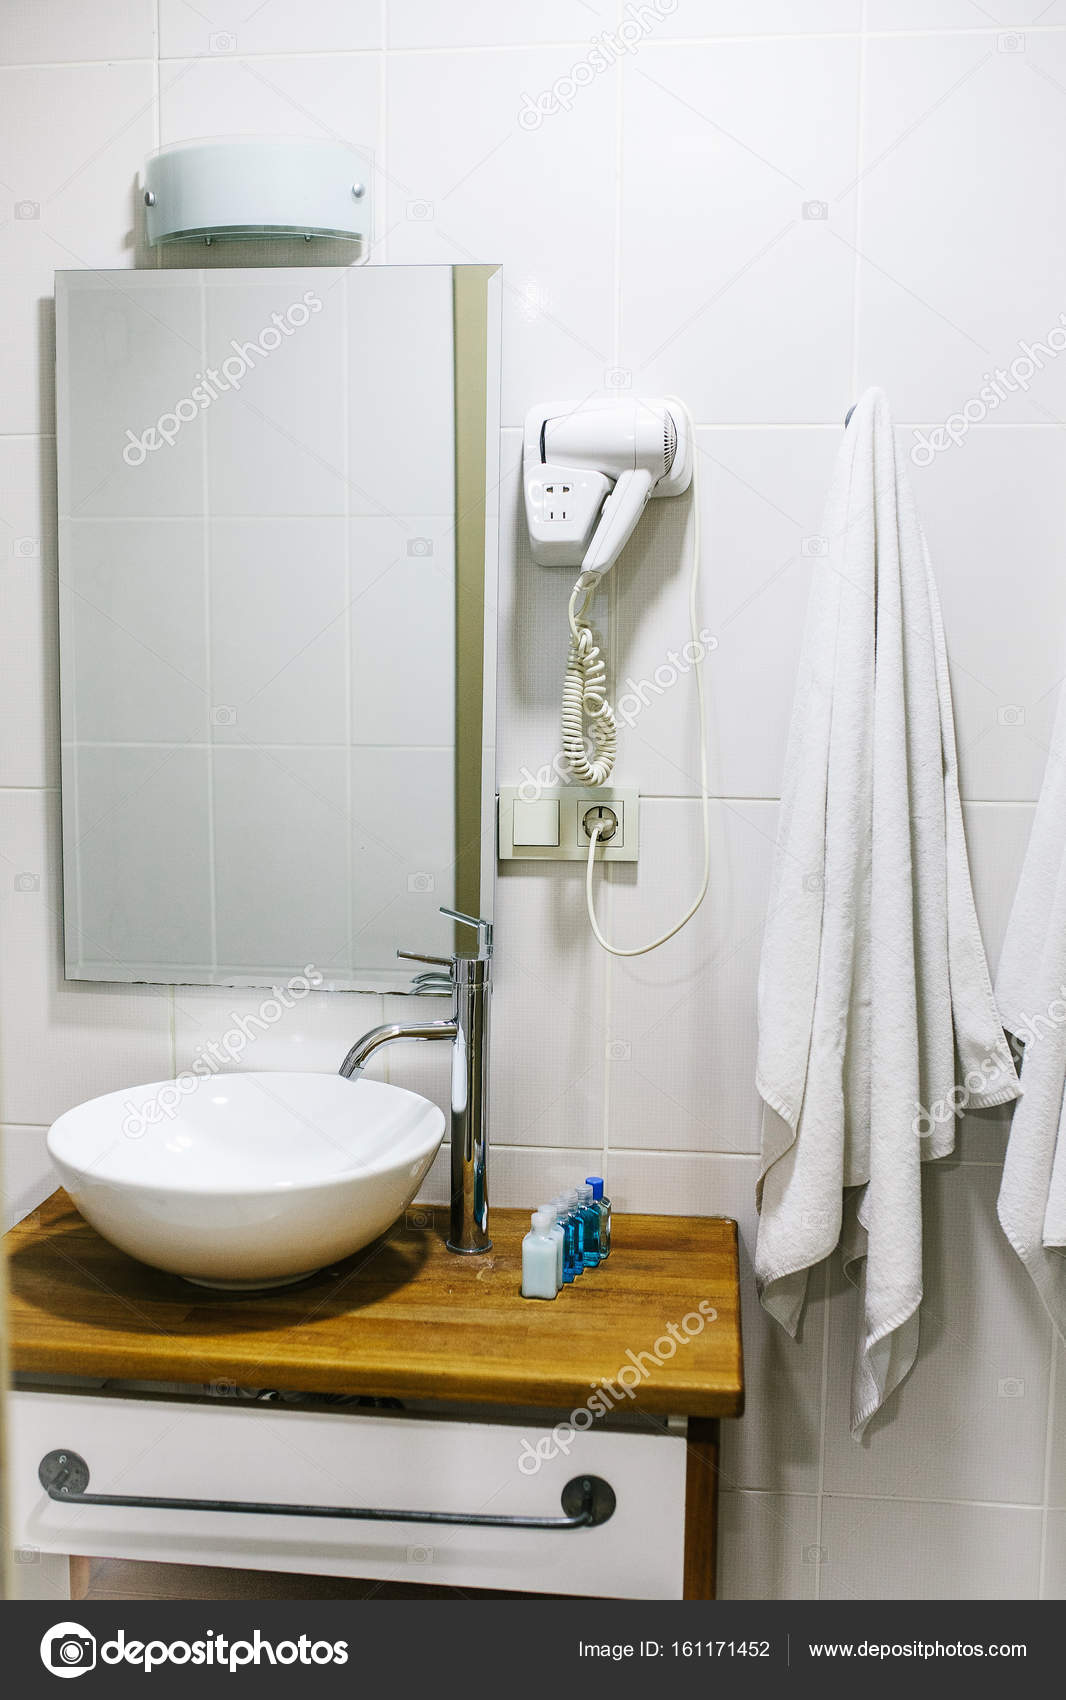 Accessoires Salle De Bain Bathroom ~ salle de bain l h tel avec tous les accessoires de salle de bain